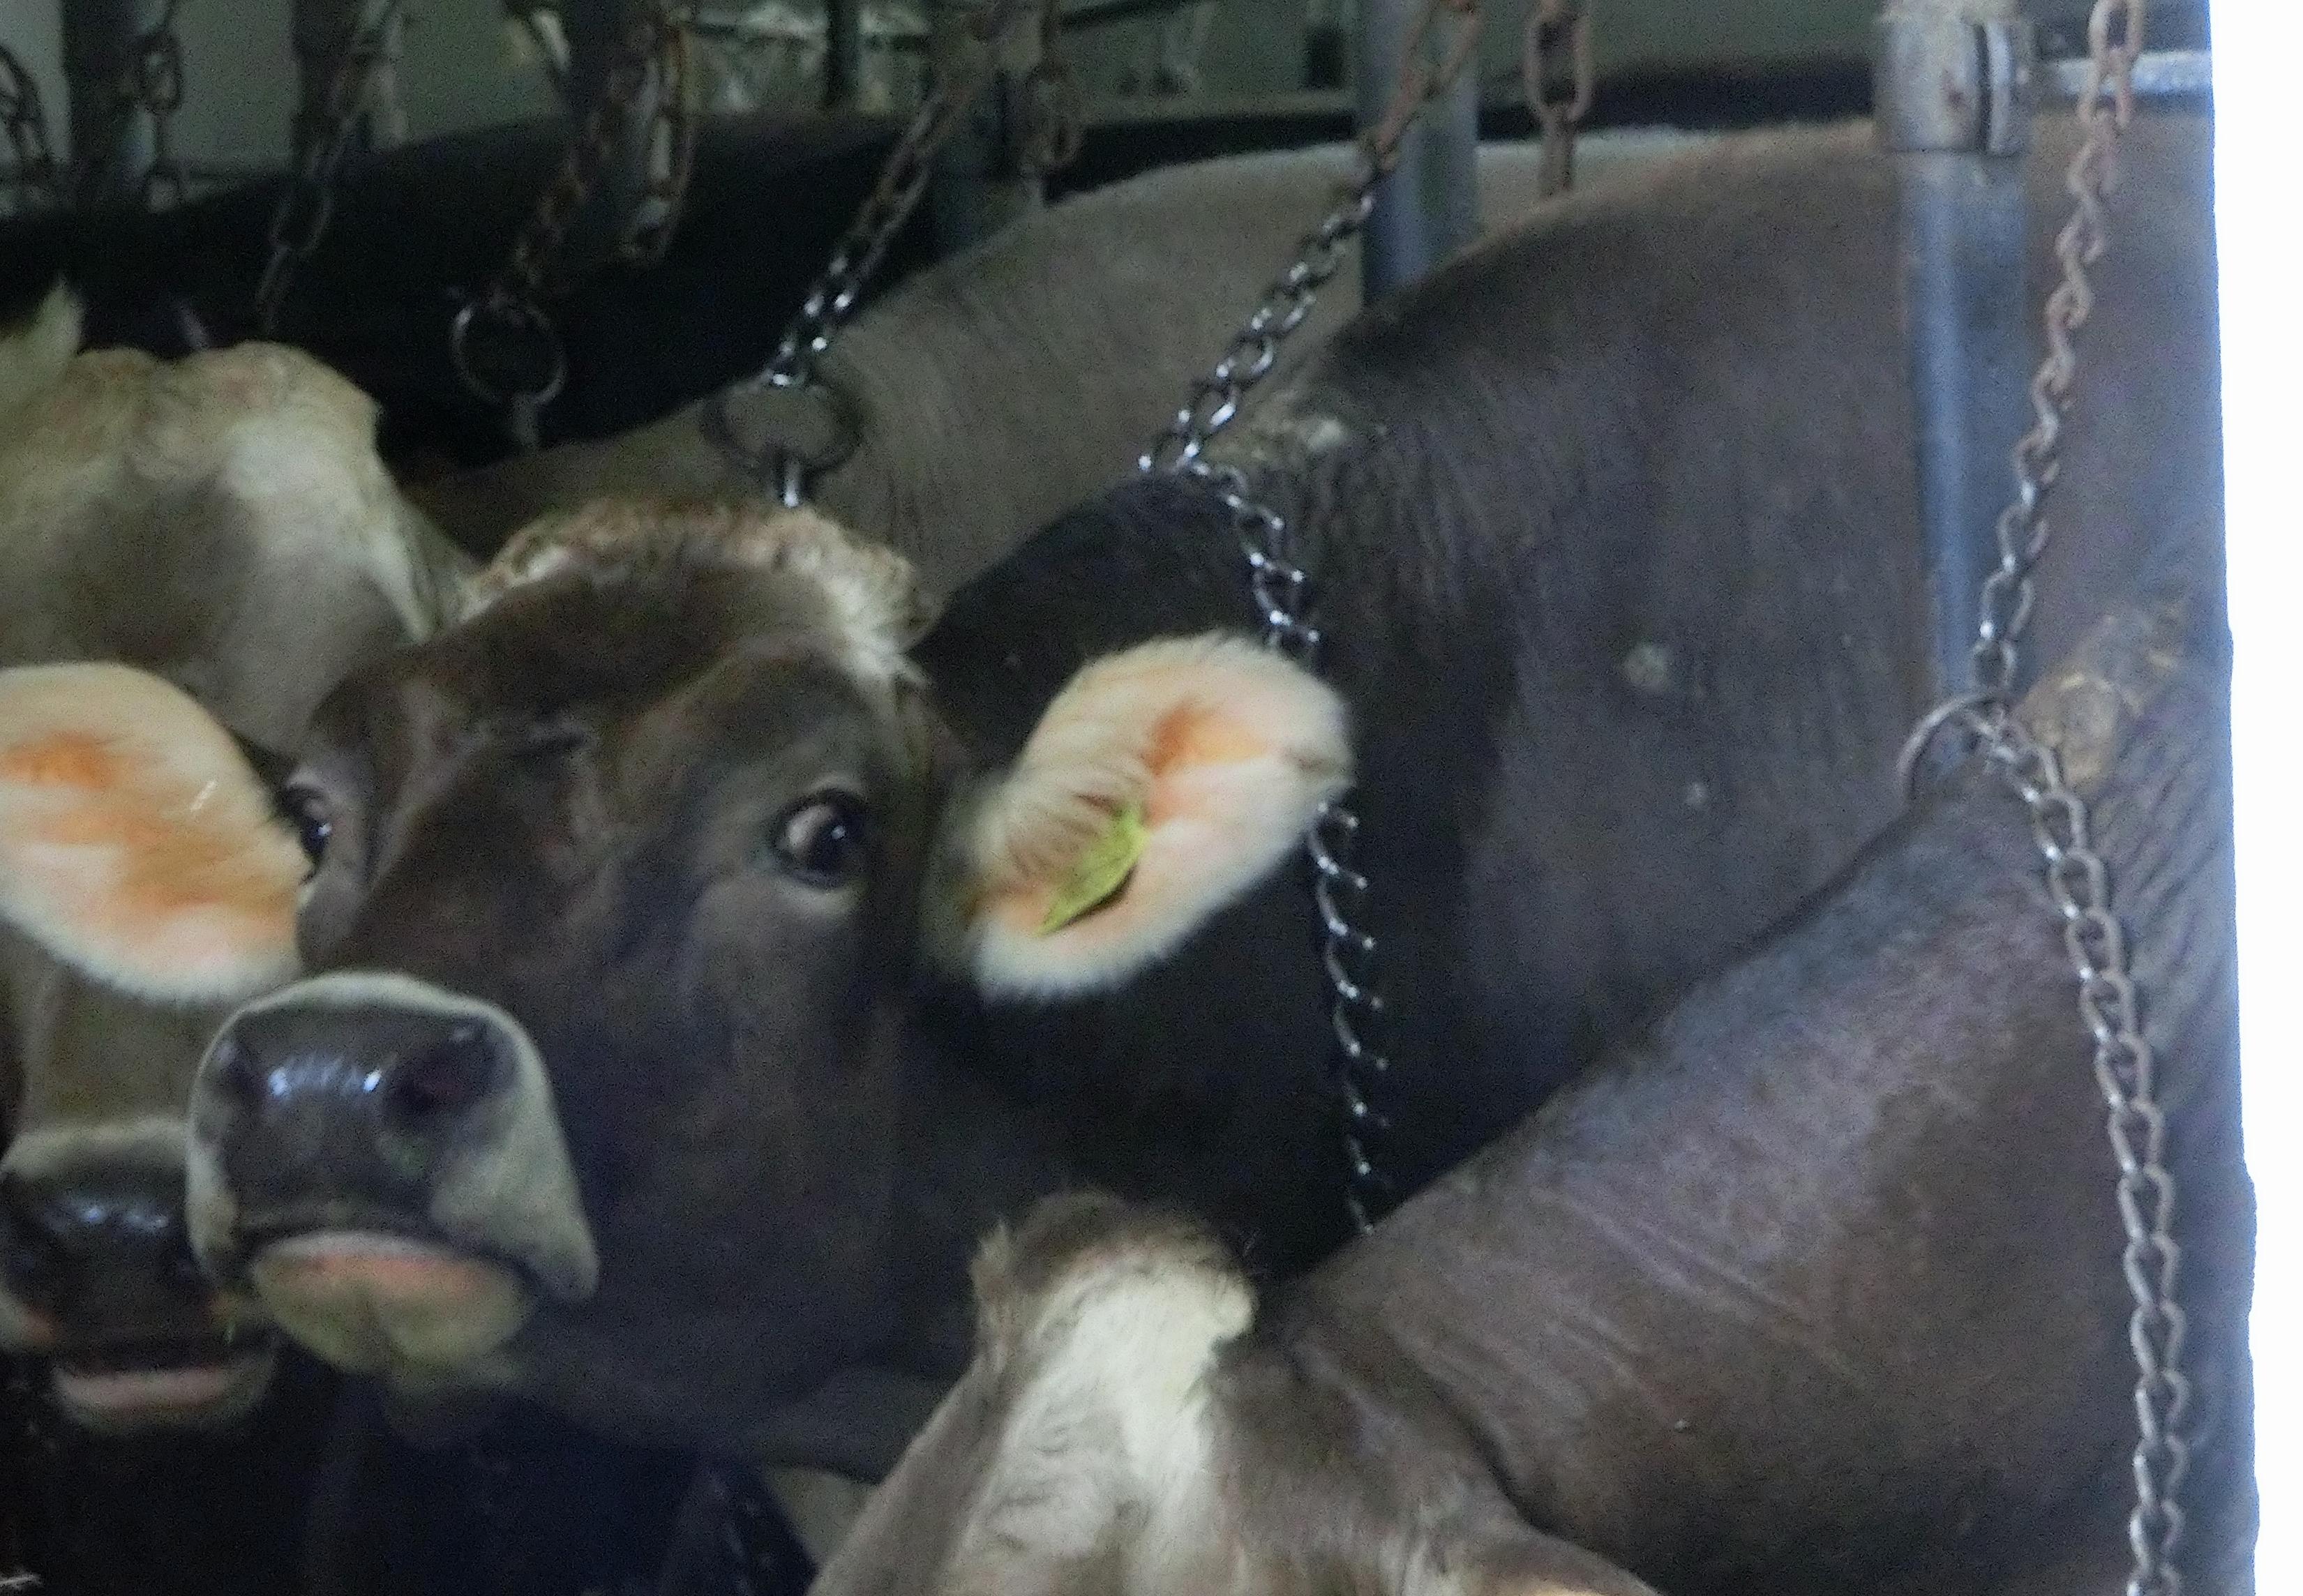 Anbindehaltung von Rindern in Hessen, Deutschland